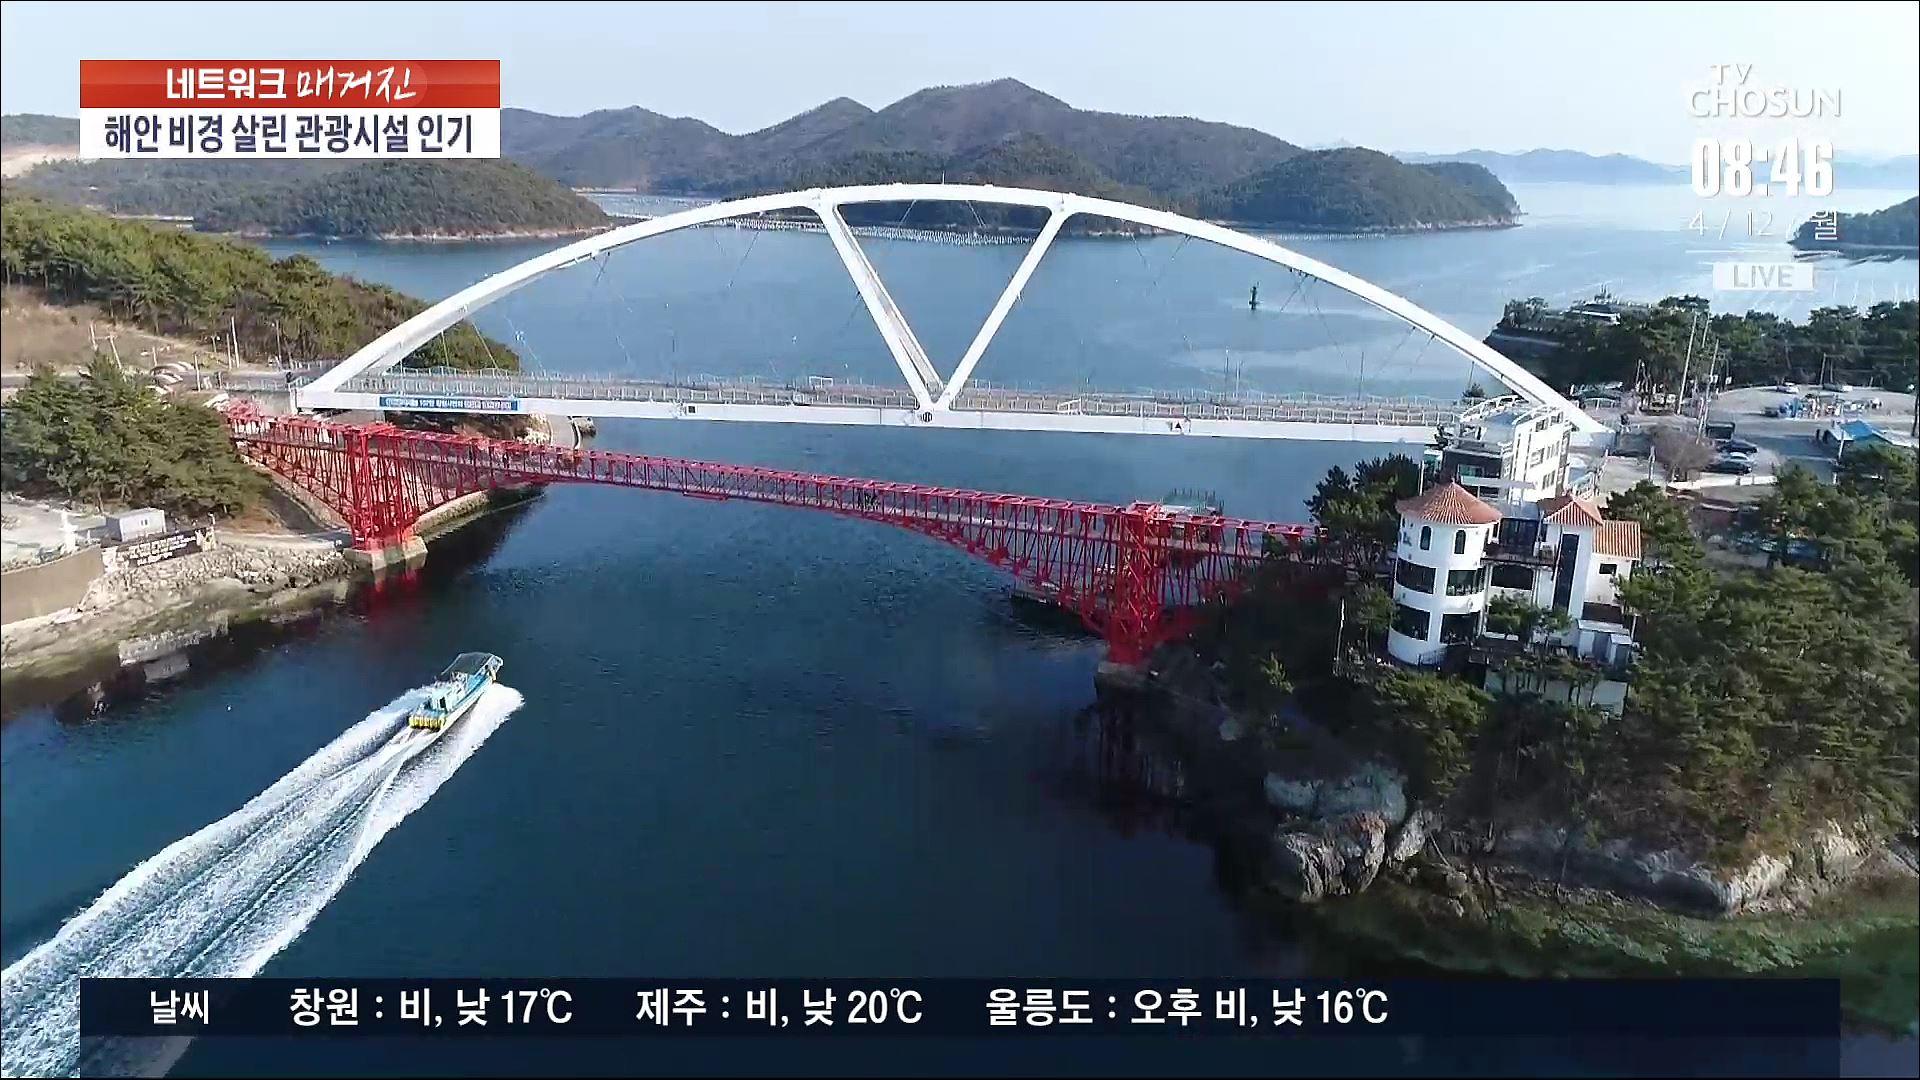 창원시, 해안선 관광시설 개발 박차